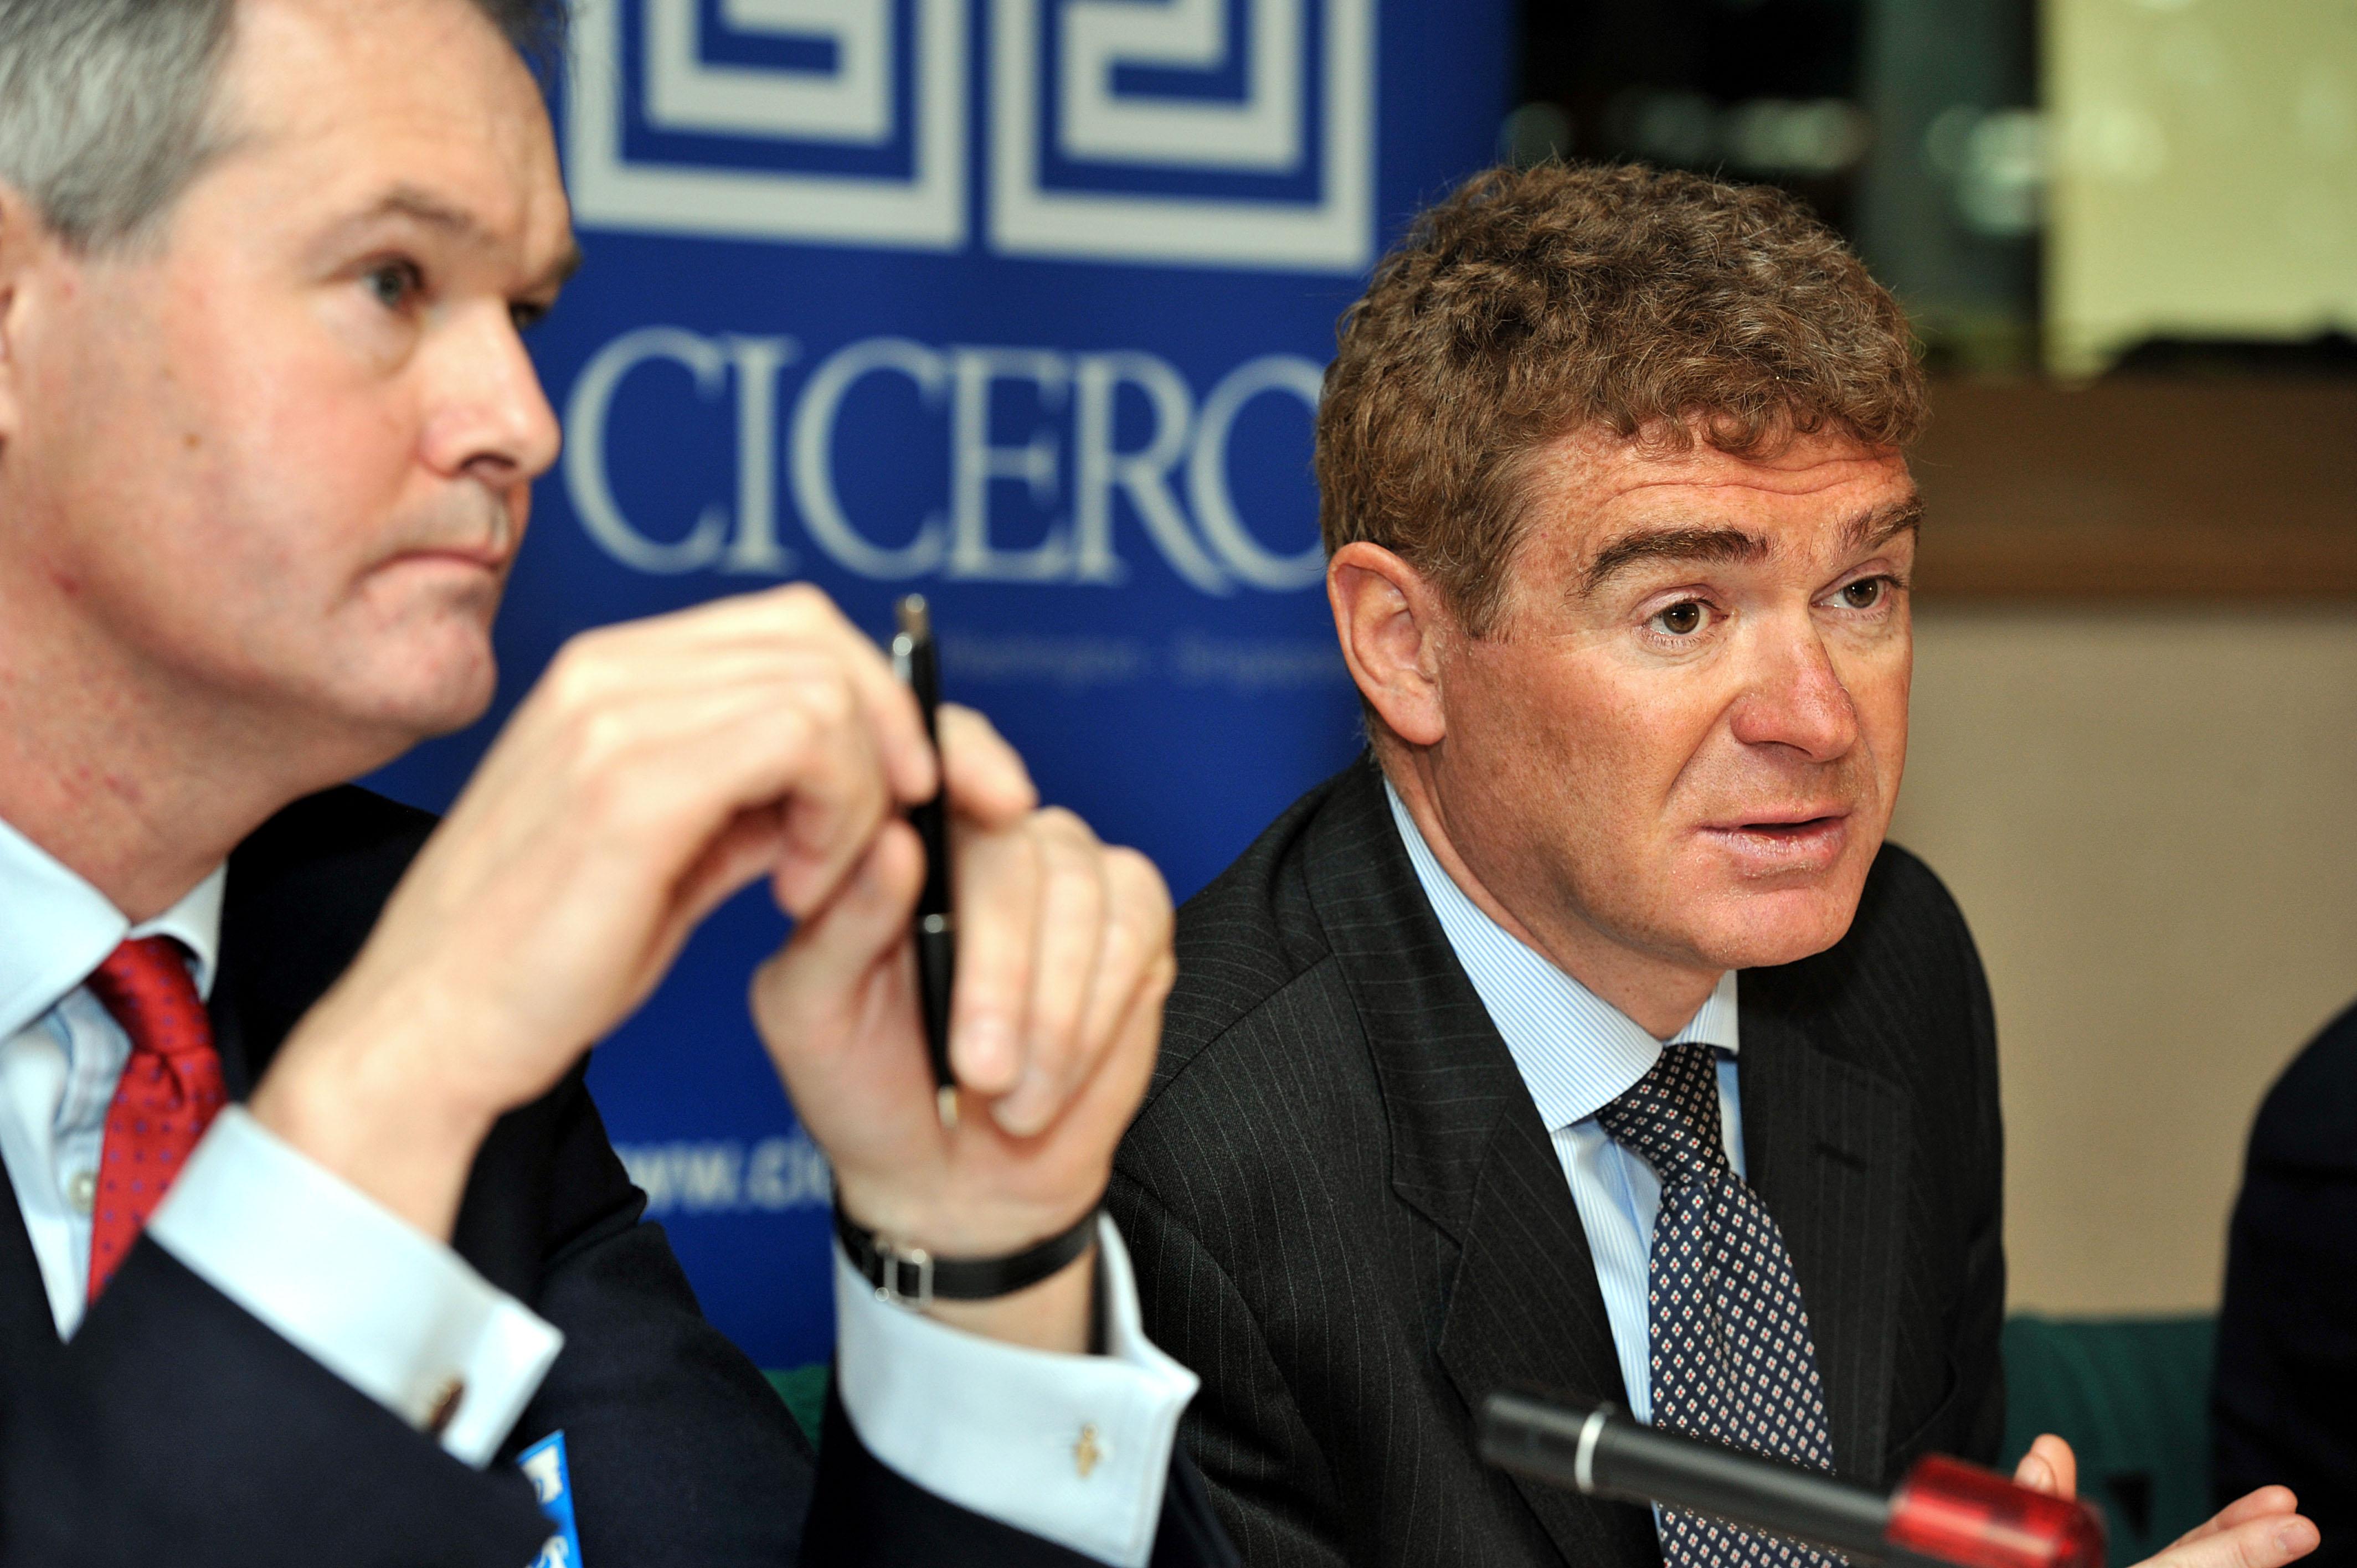 Chef von Italiens Börsenaufsicht zurückgetreten